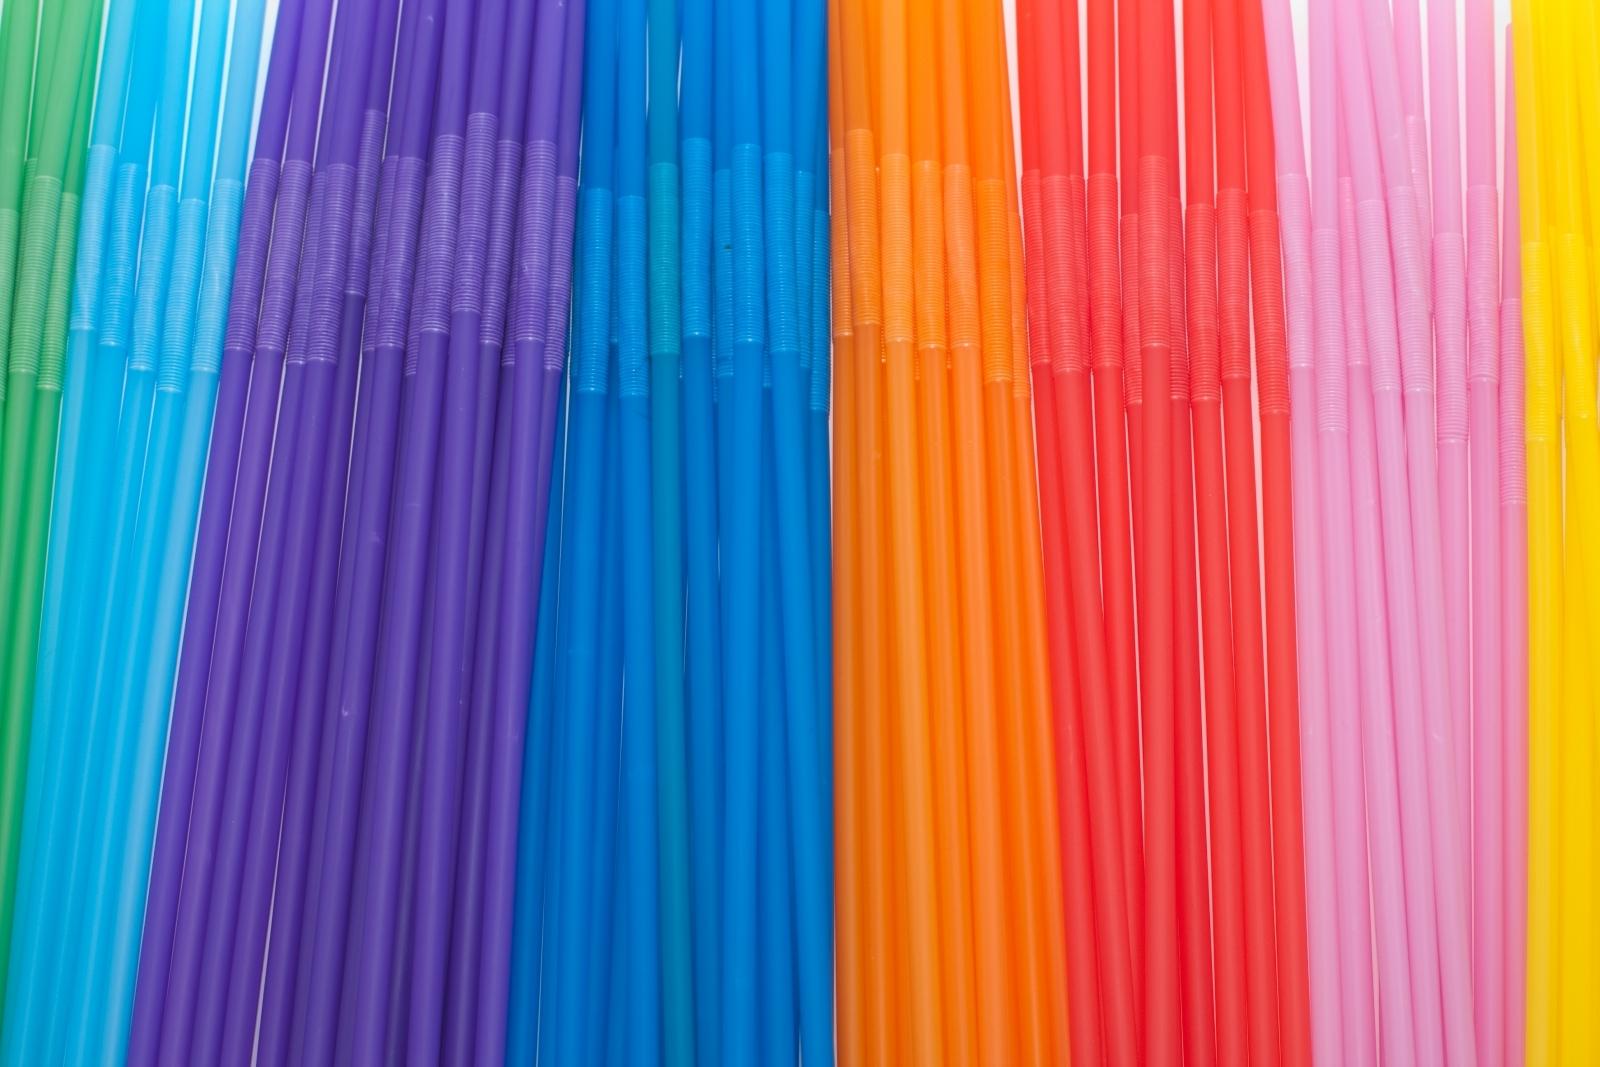 Multicoloured straws